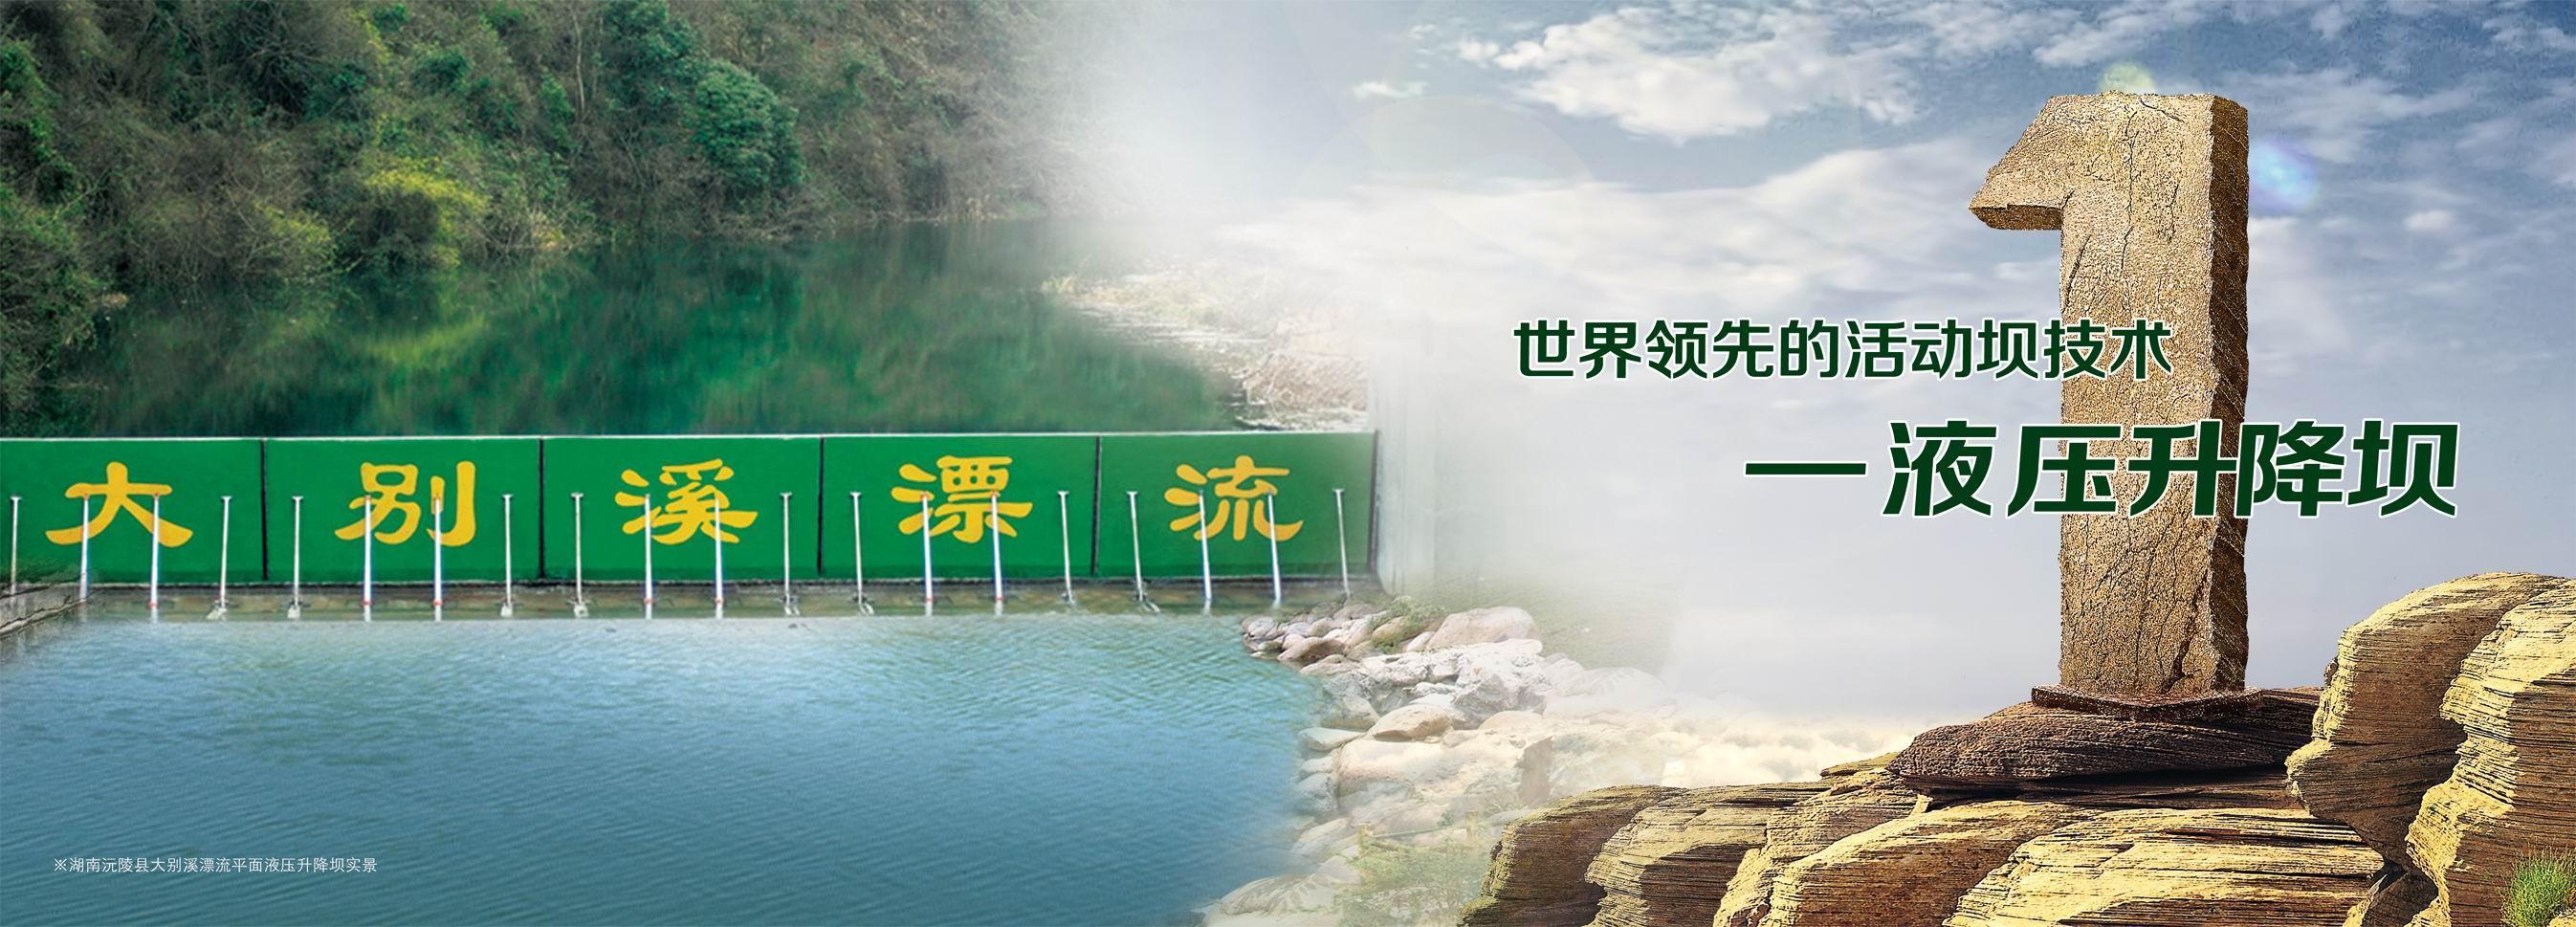 世界首座五米高液压升降坝